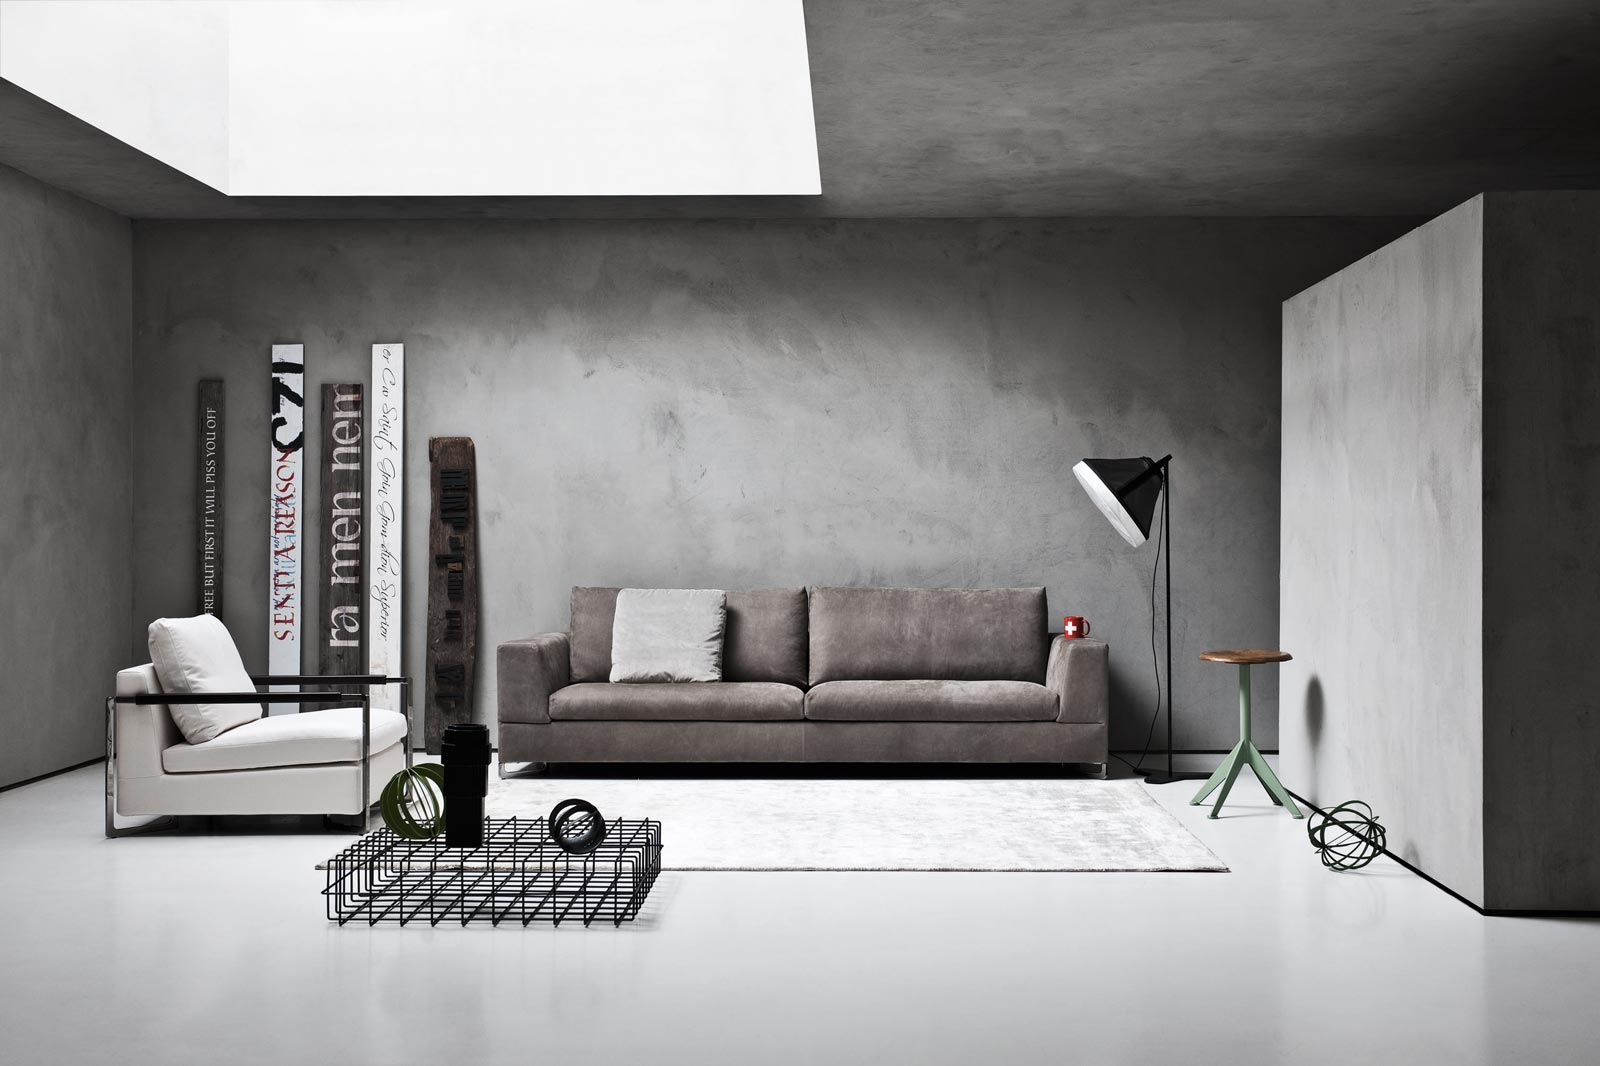 Le nostre migliori proposte per Interior Design San Babila Milano San Babila Milano